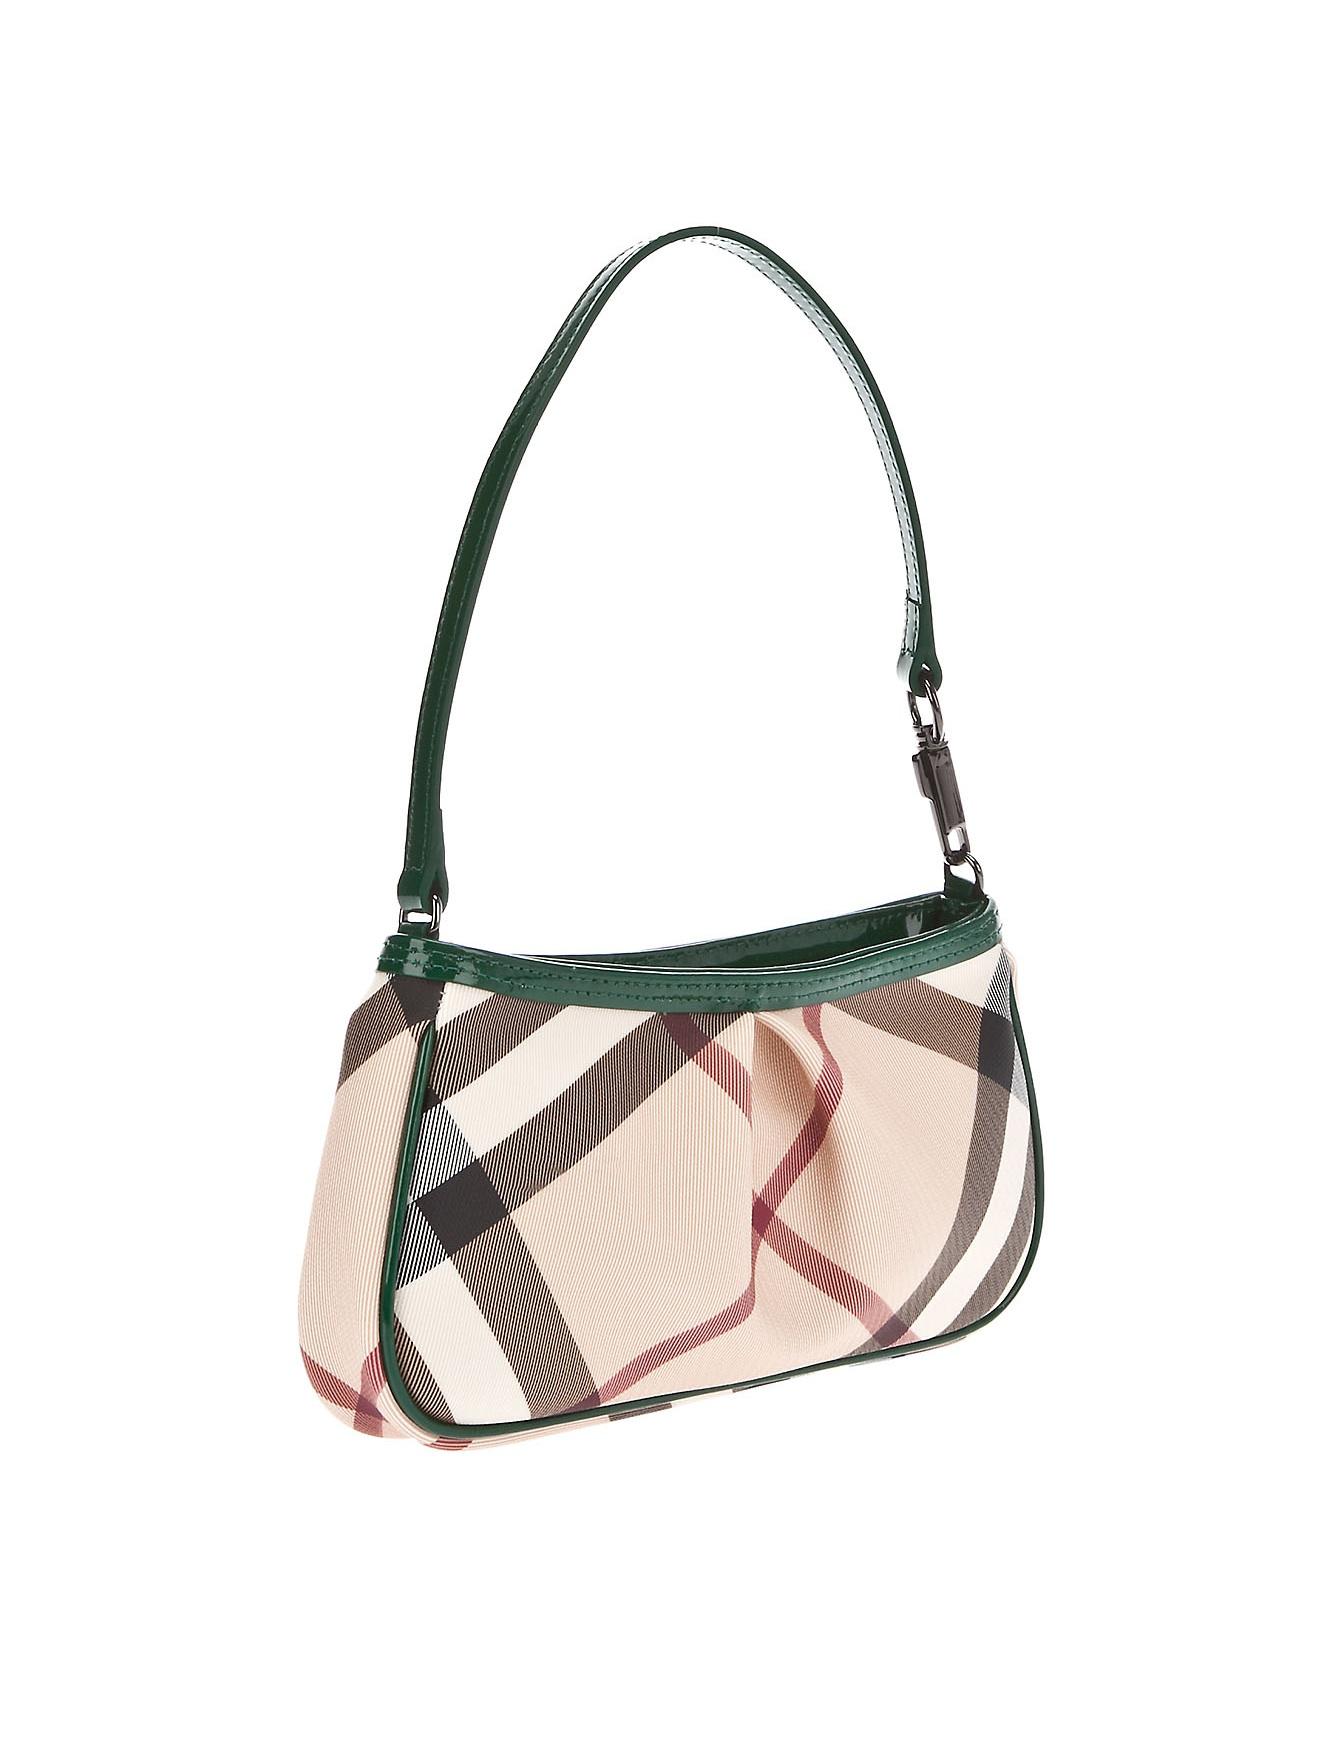 Burberry Nova Check Sling Bag in Natural - Lyst 54db1f3d67985